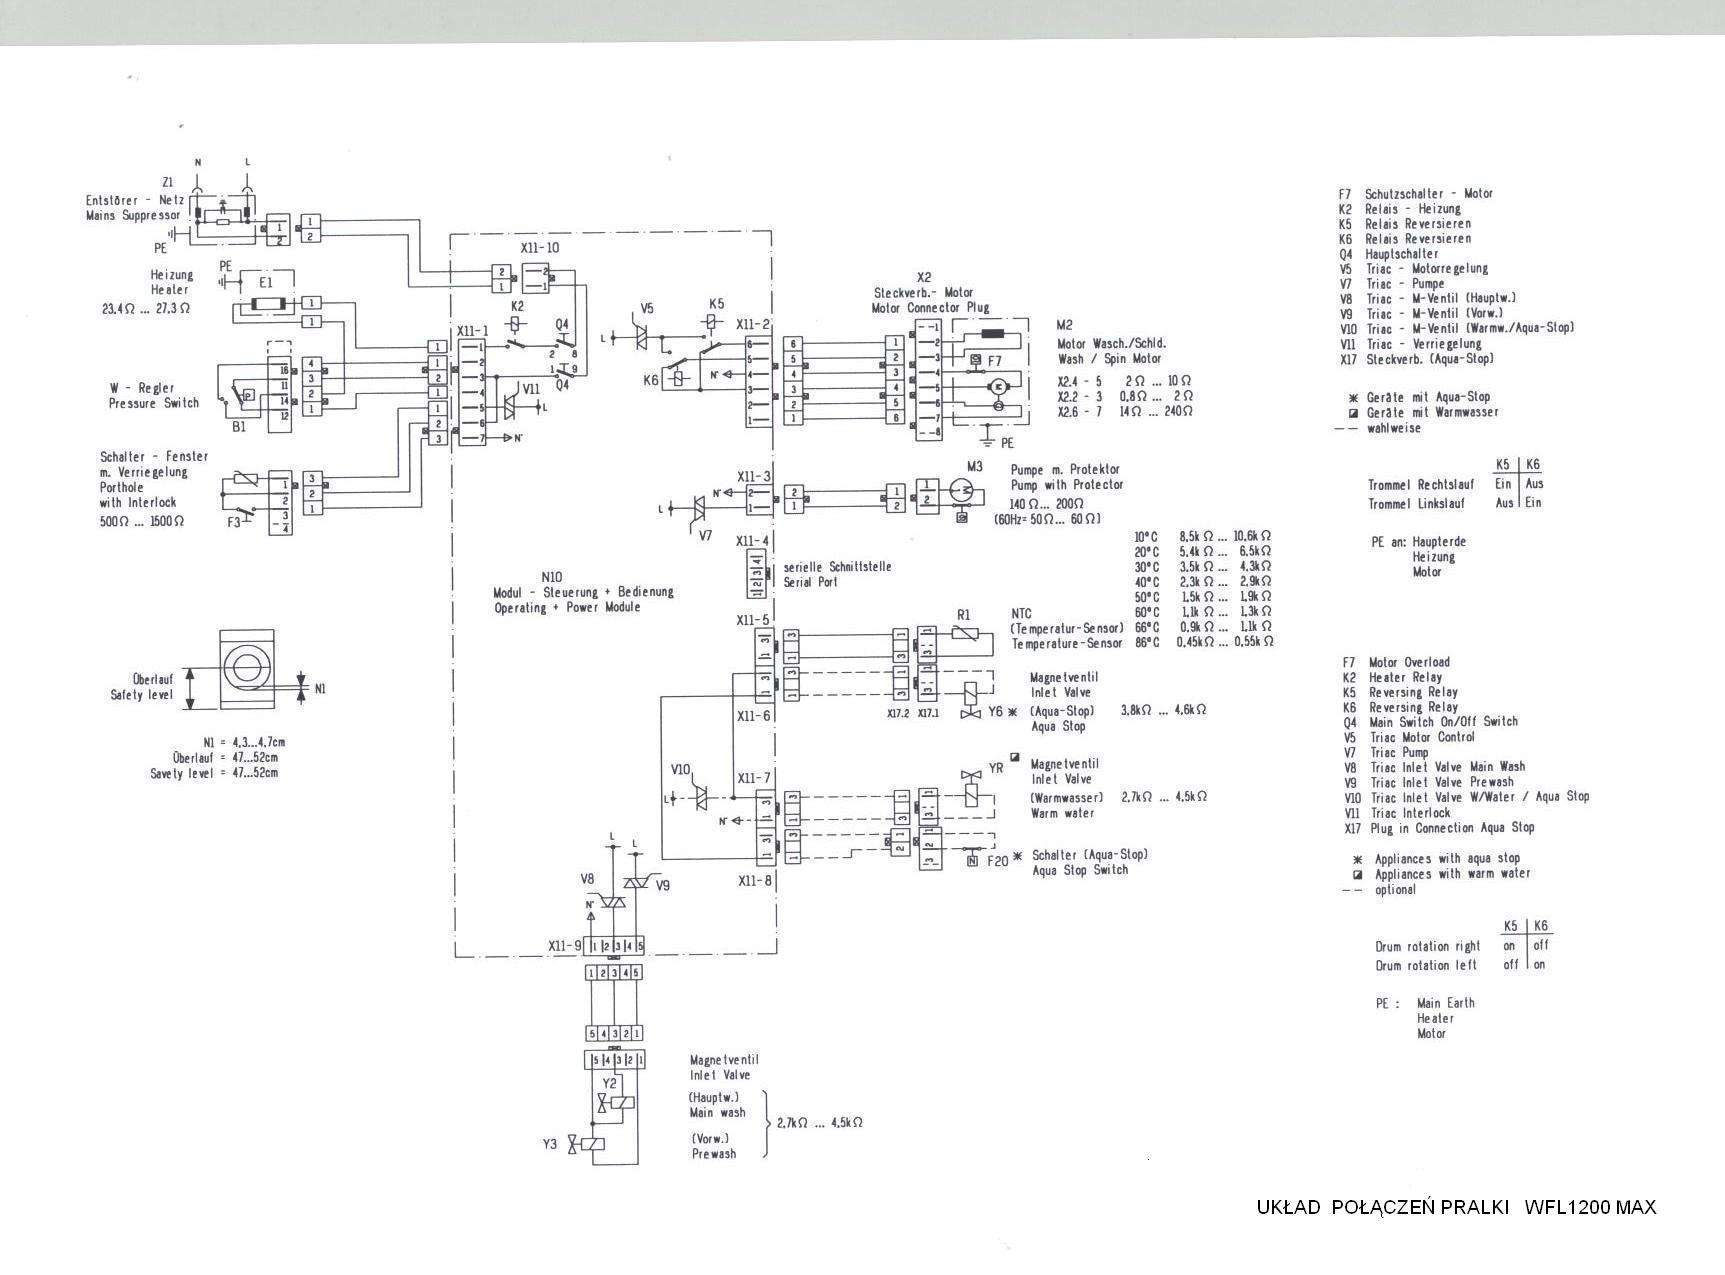 Bosch WFL1200 - Zasilanie elektrozawor�w wody oraz sterowanie blokada drzwiczek